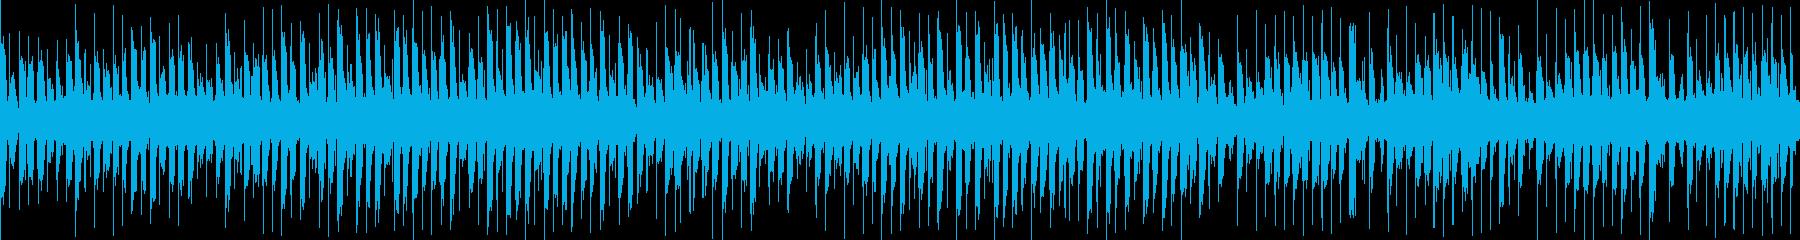 優しい電気仕掛けのオルゴールの再生済みの波形